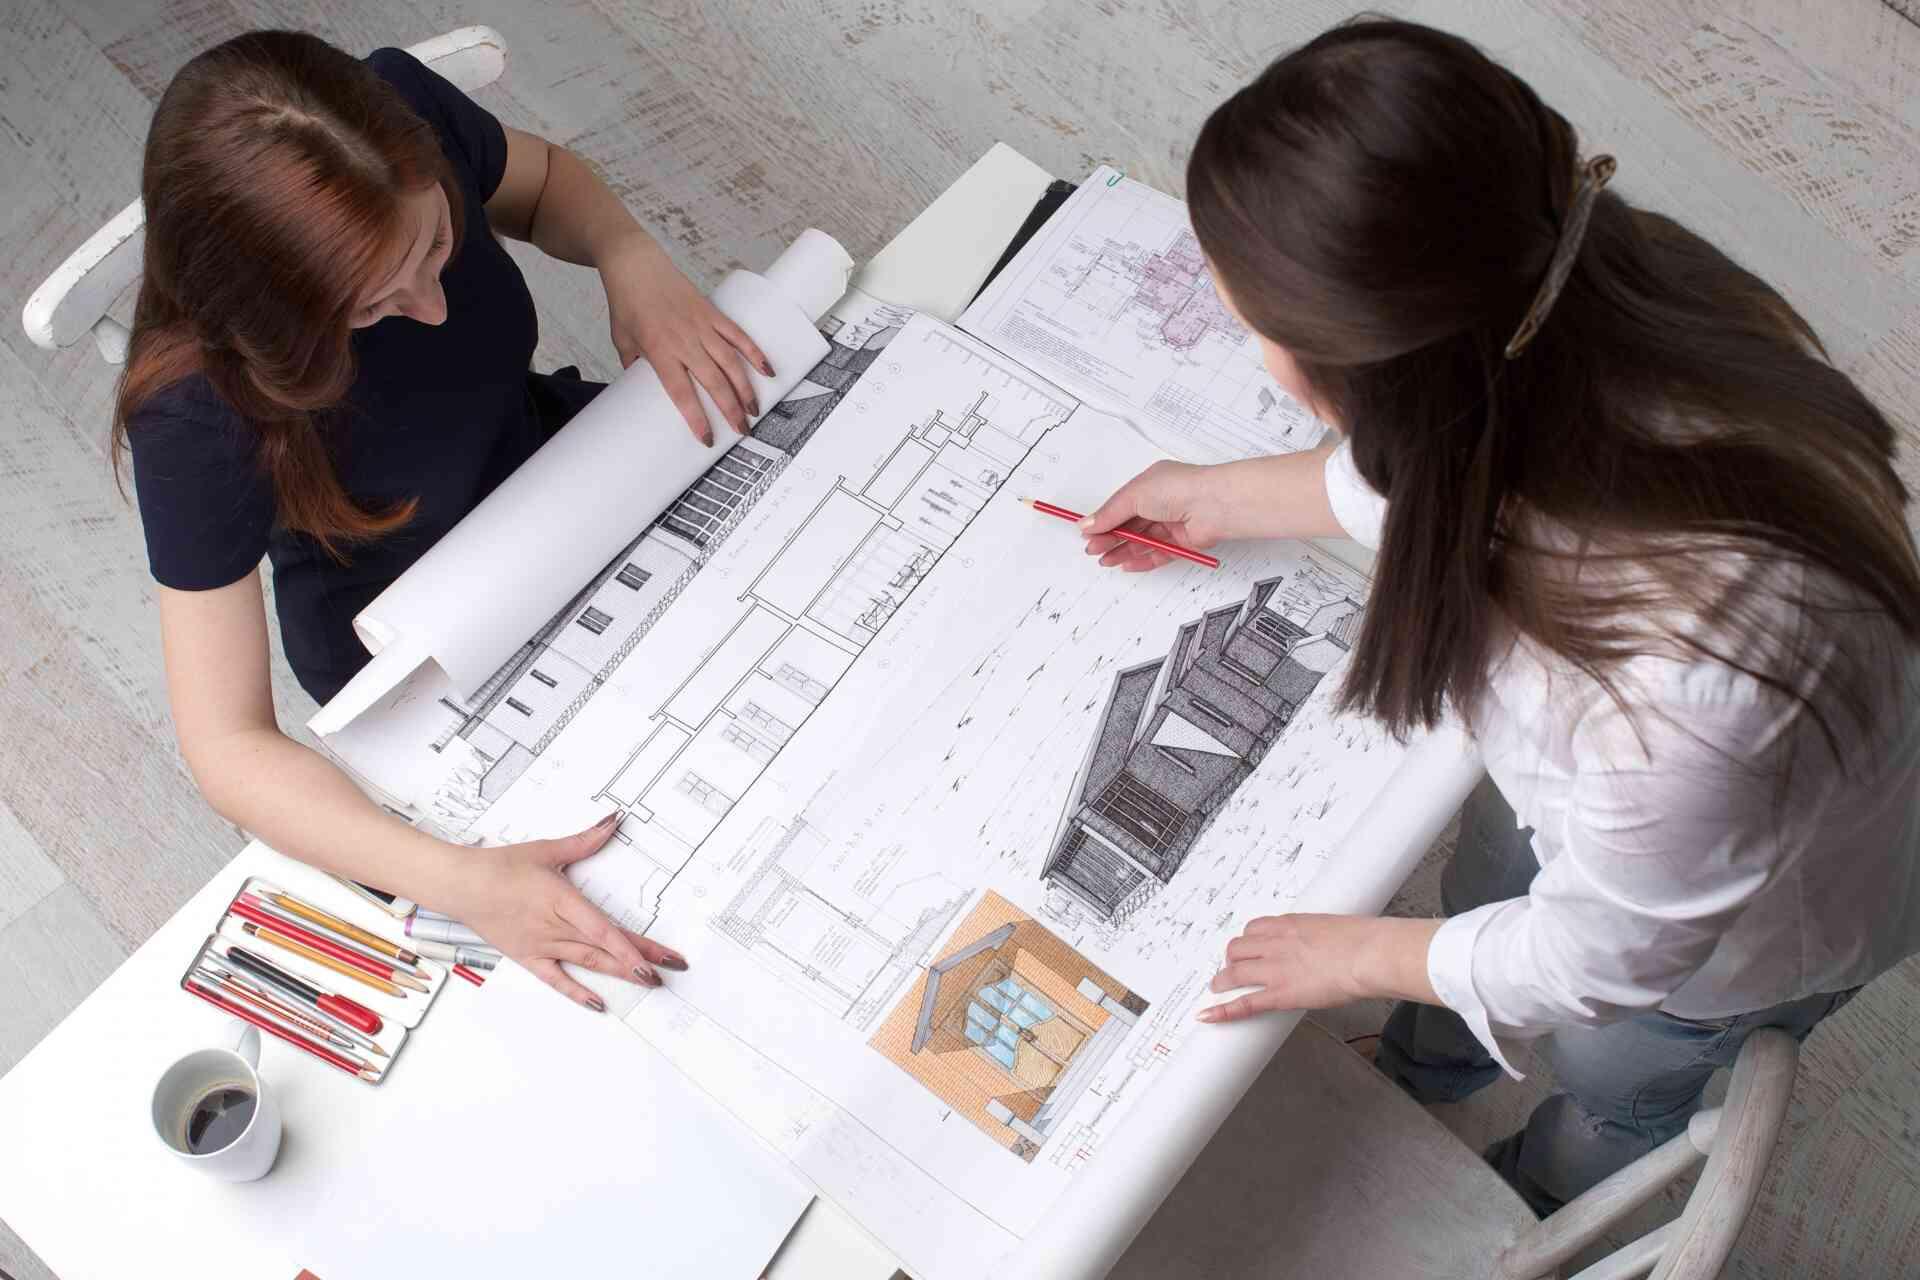 クリエイティブな仕事を7つ紹介【向いている人の特徴や資格も】